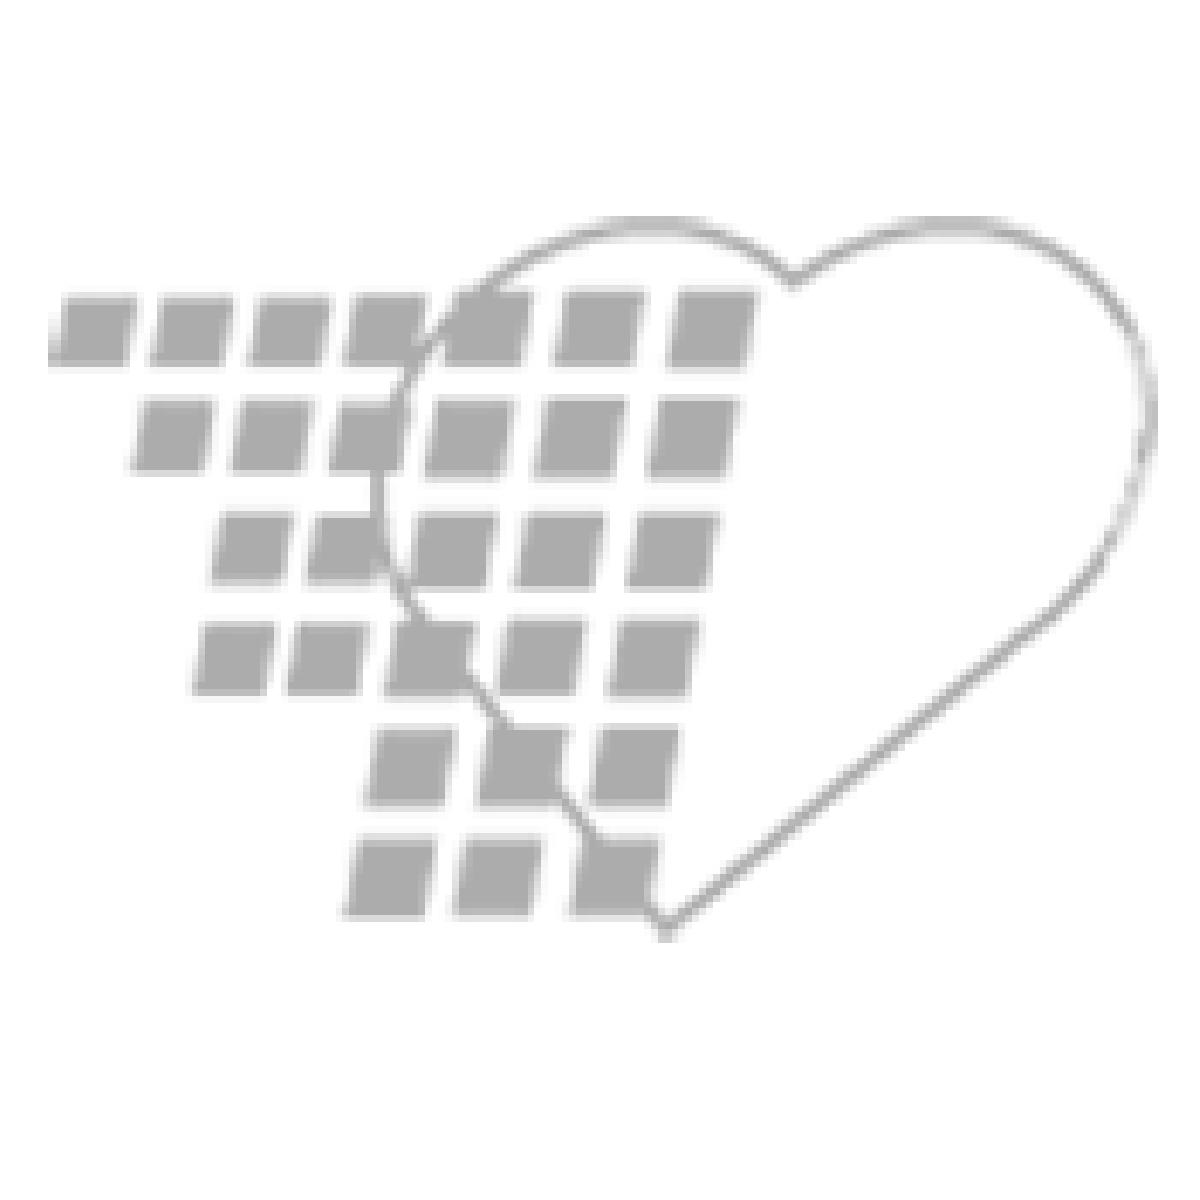 07-71-4589 Nasopharyngeal Airway Kits - 9 NPA includes 9 packs of Lubricating Jelly